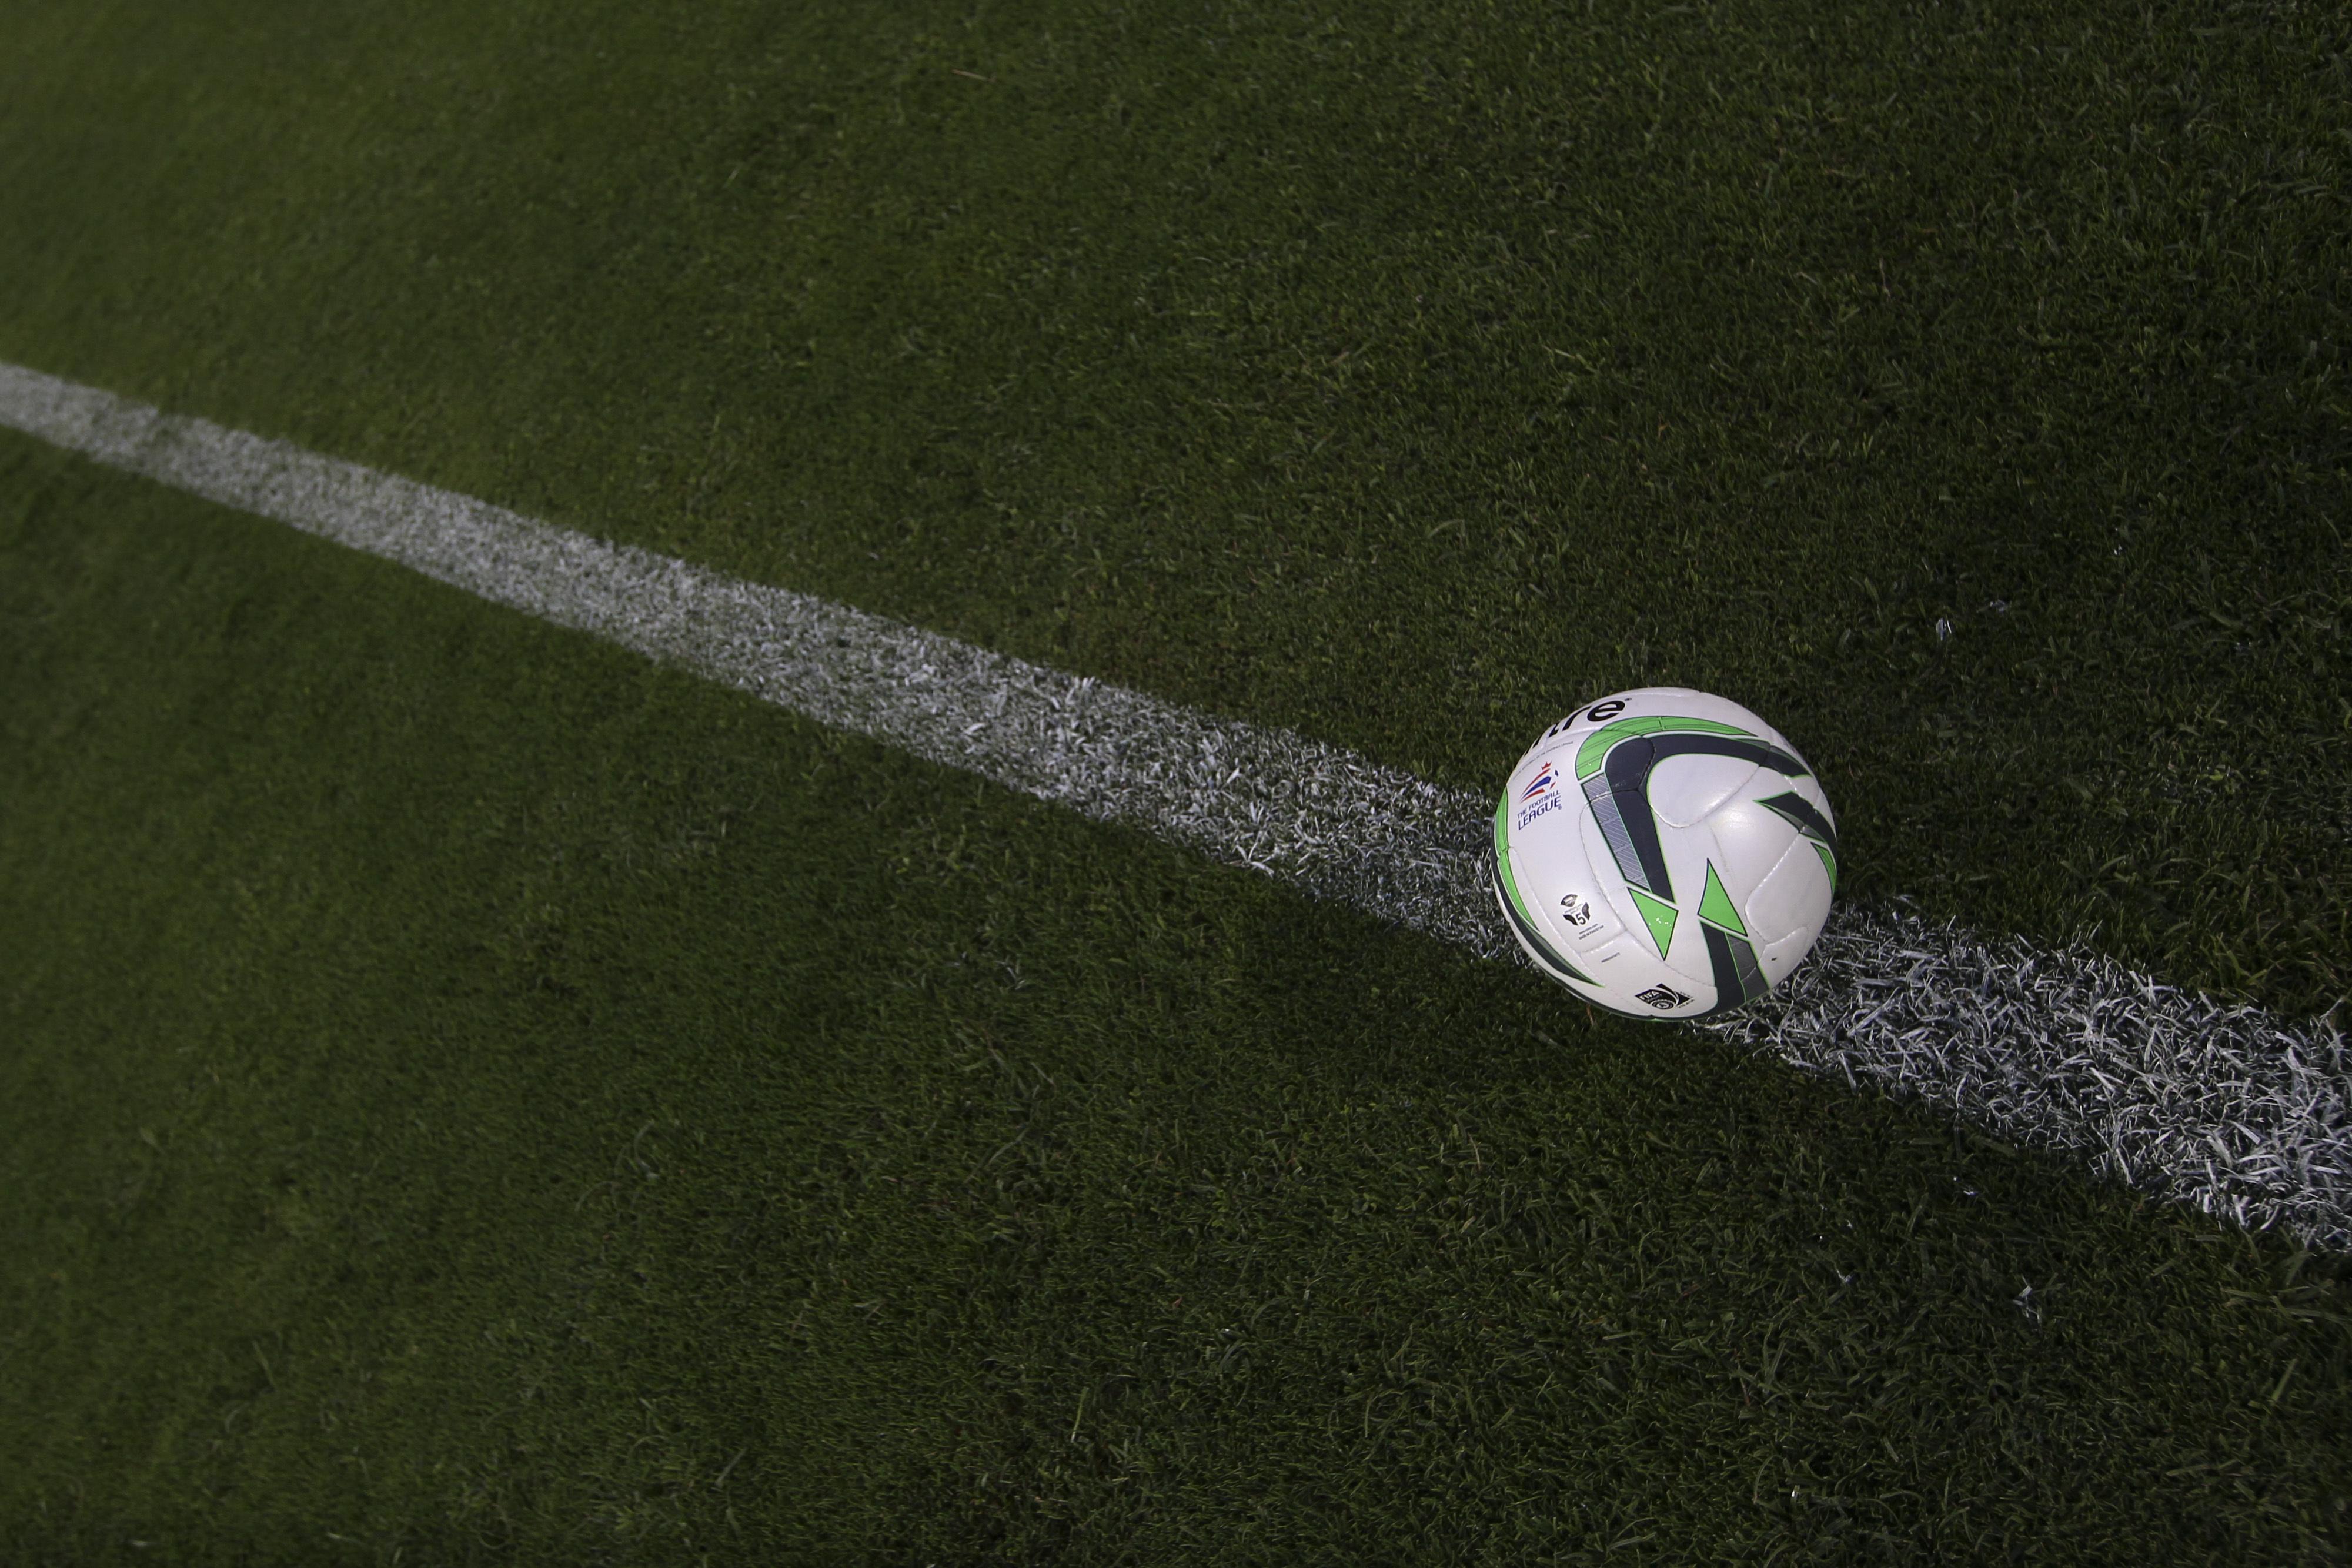 OE2019: Liga critica exclusão do futebol da redução do IVA dos espetáculos